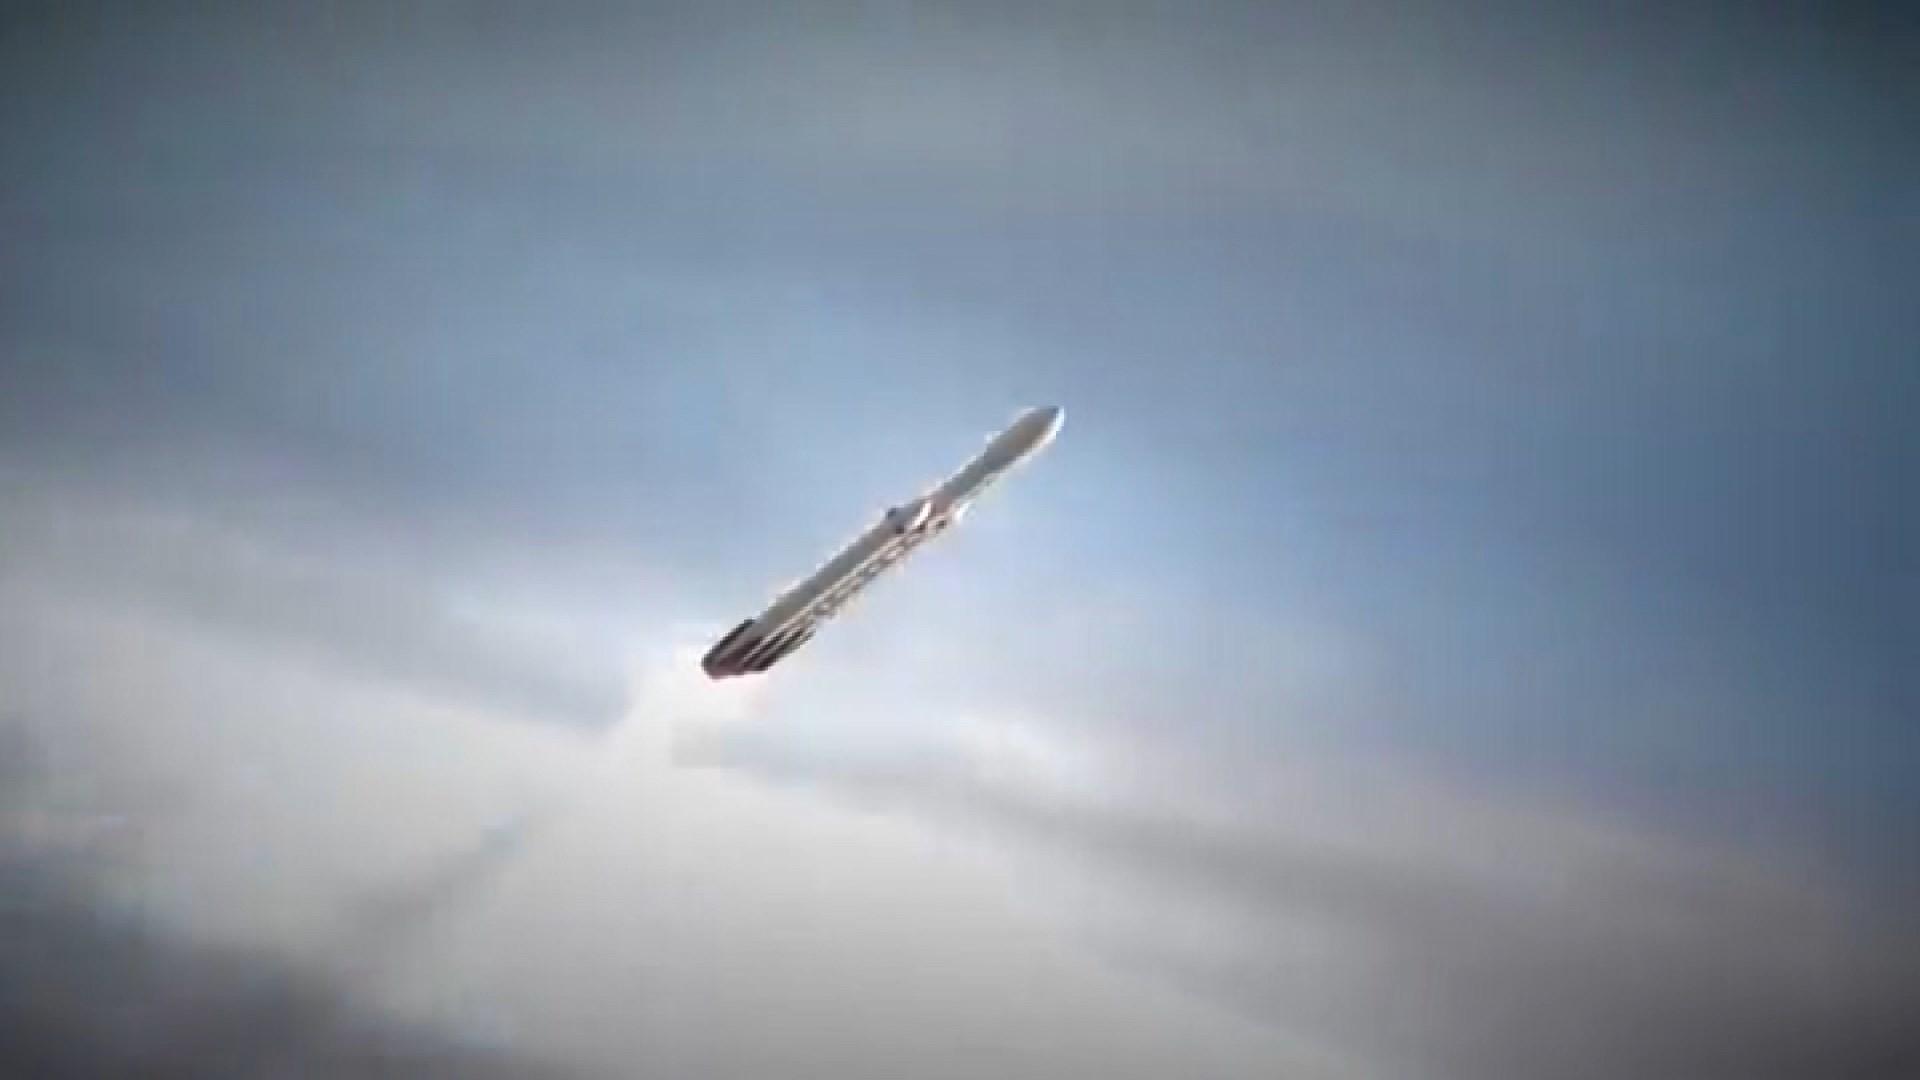 獵鷹重型超級火箭送24枚衛星升空